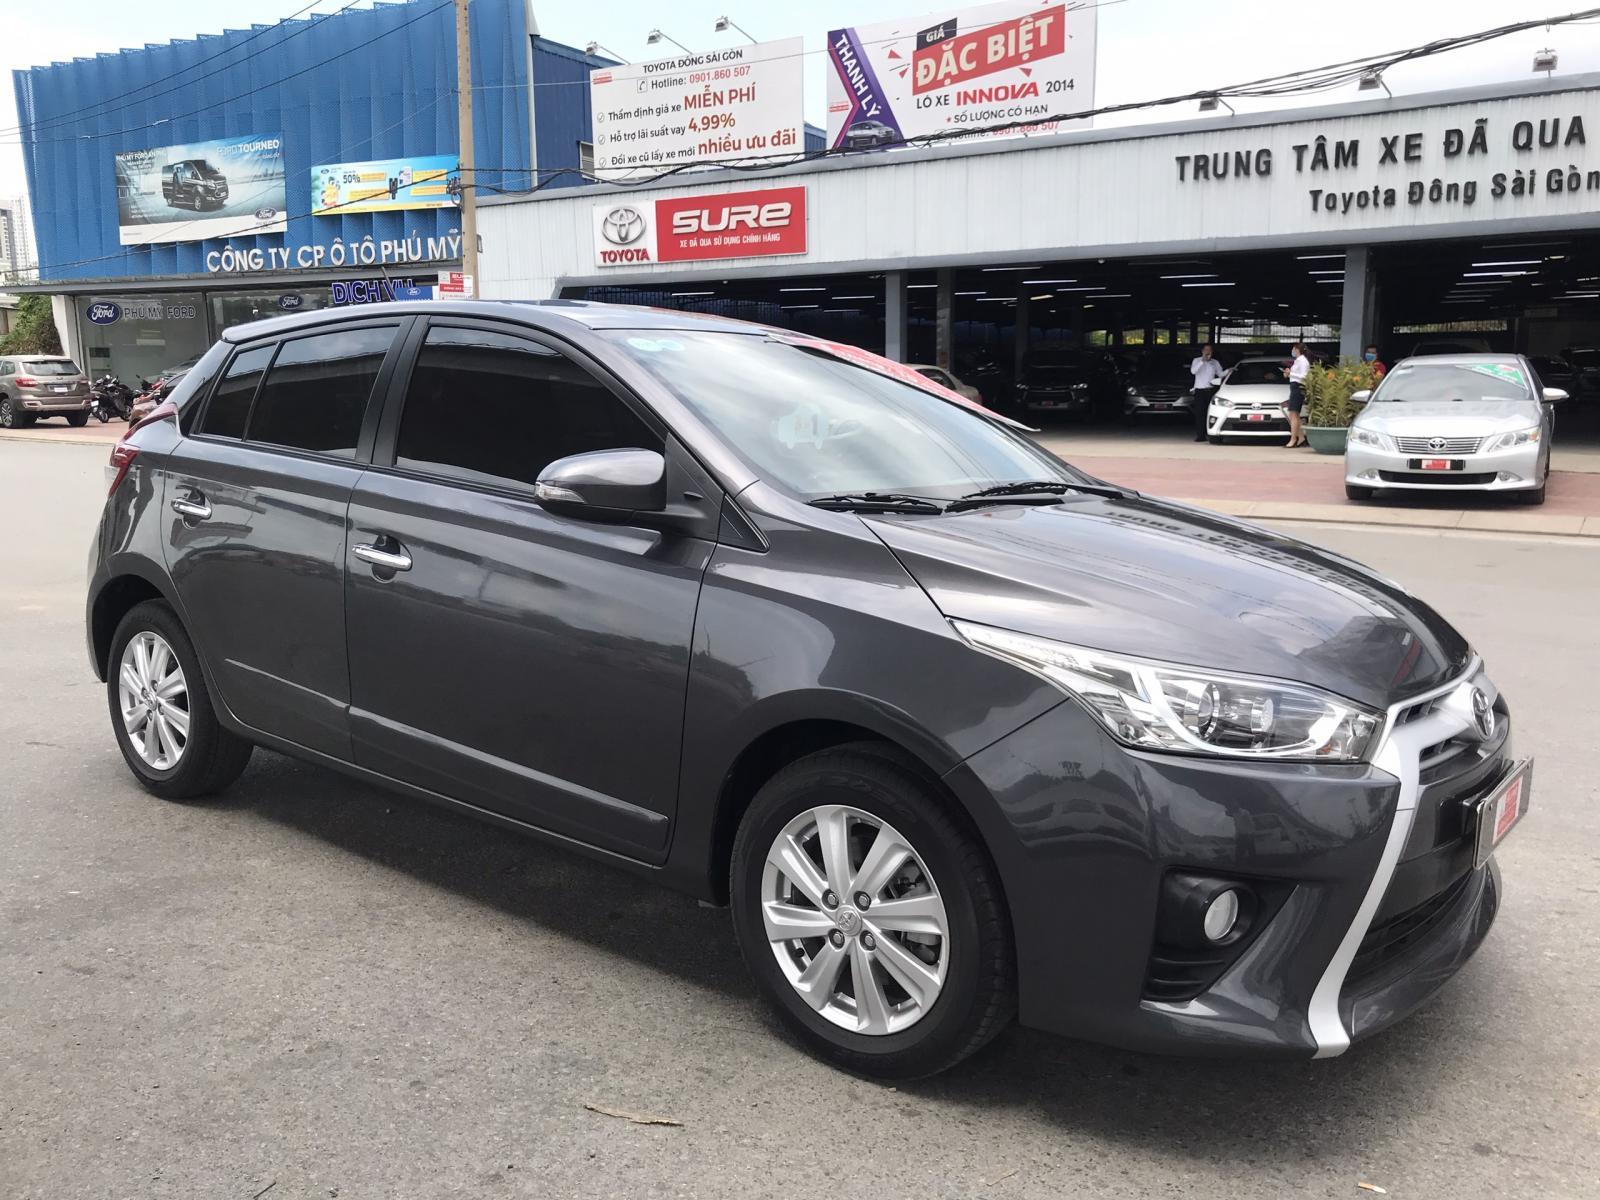 Bán Toyota Yaris G số tự động đời 2015 - màu xám - xe nhập Thái Lan